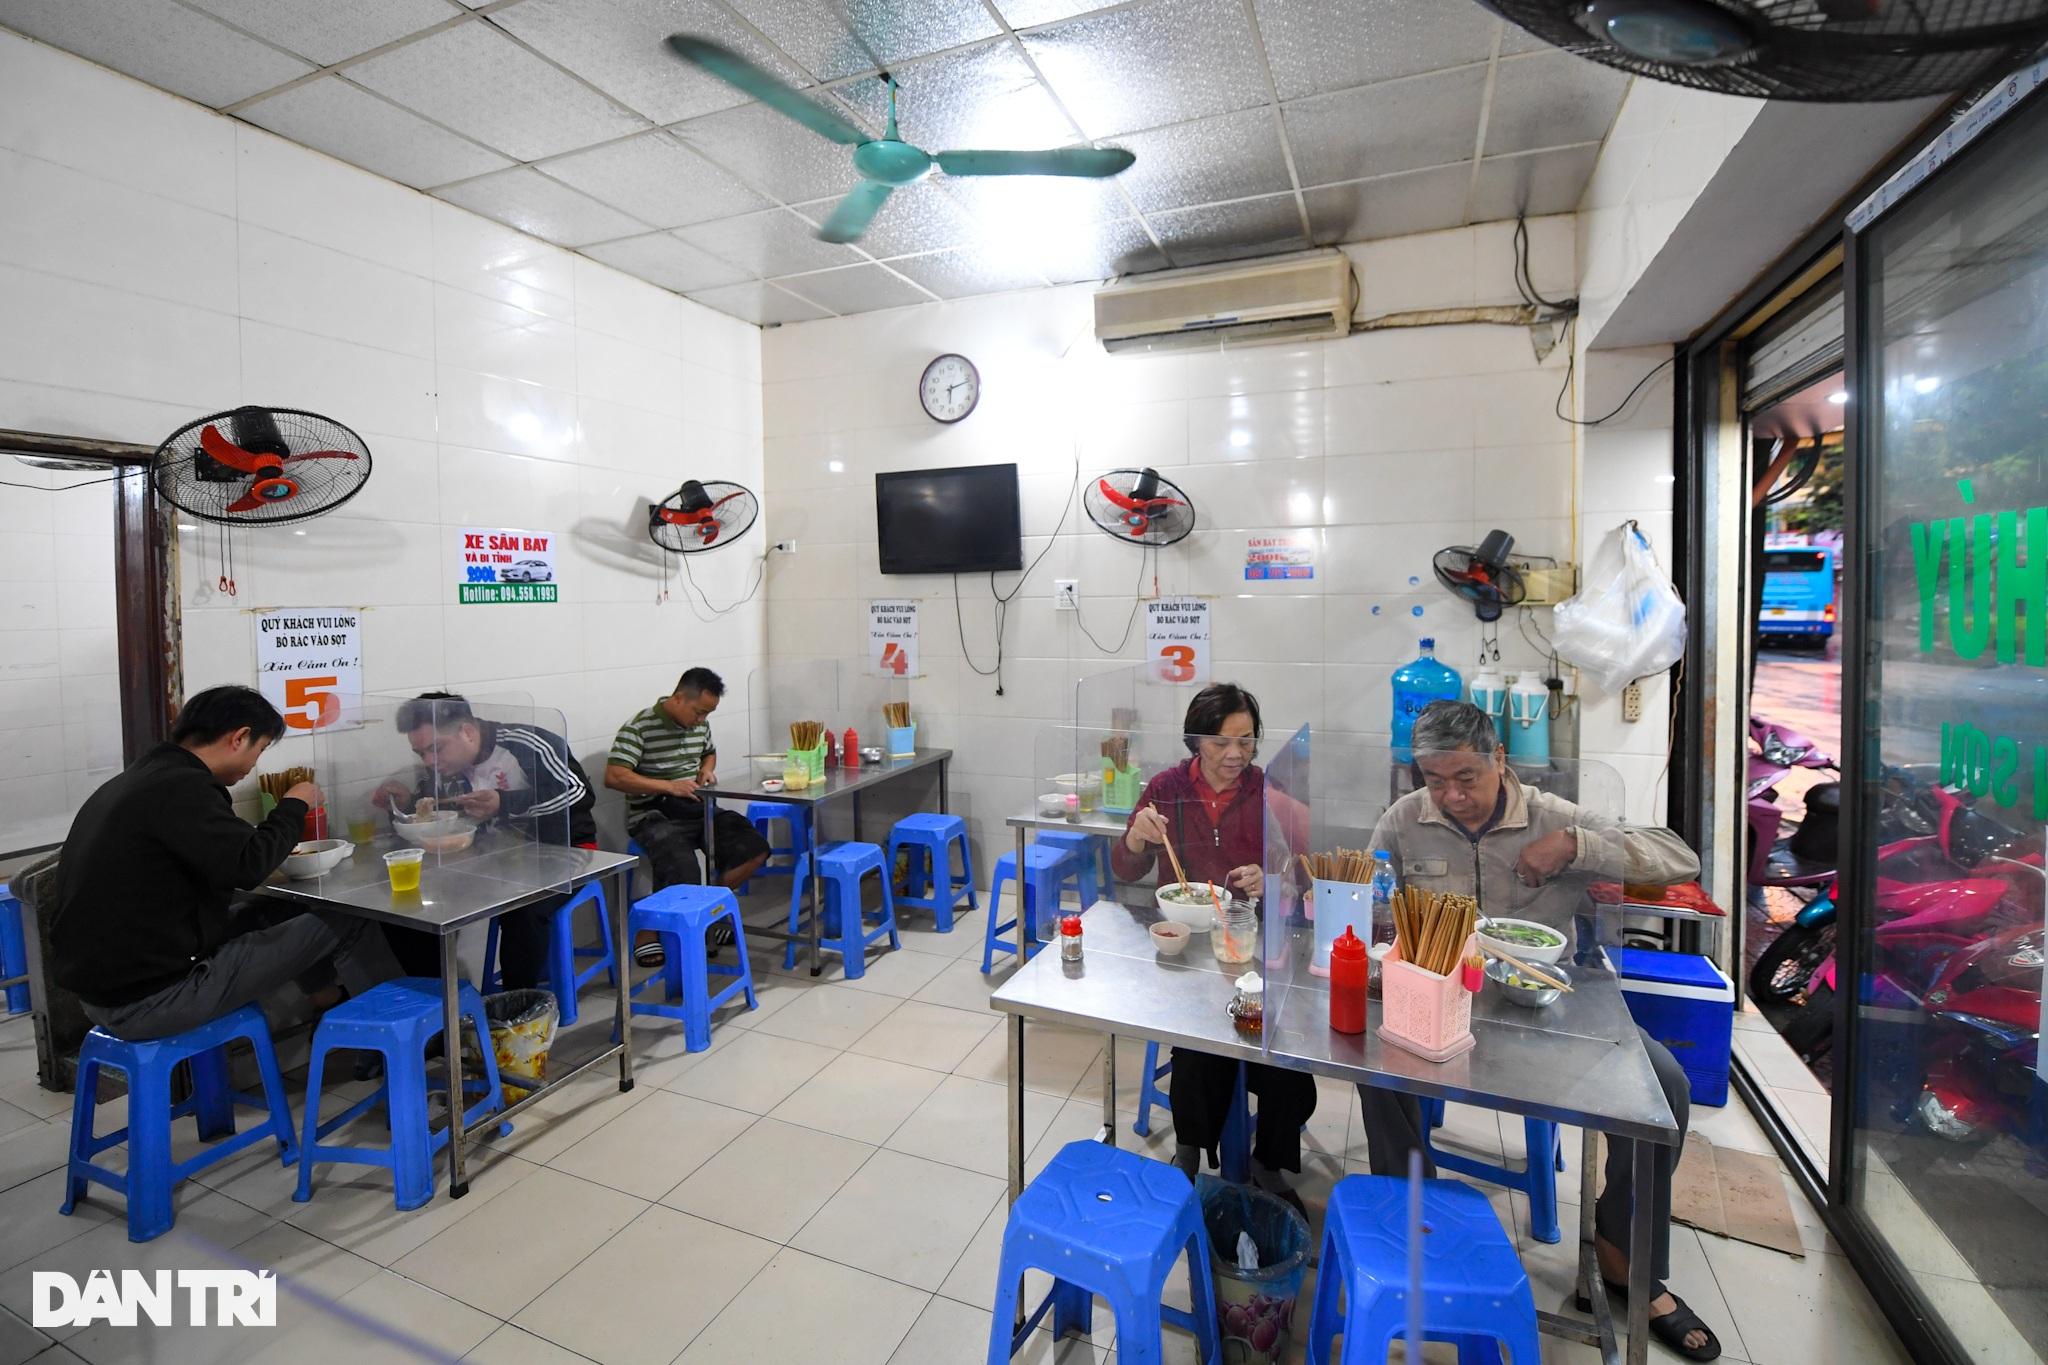 Hàng ăn, quán cafe tấp nập trong ngày đầu phục vụ khách tại chỗ - 1